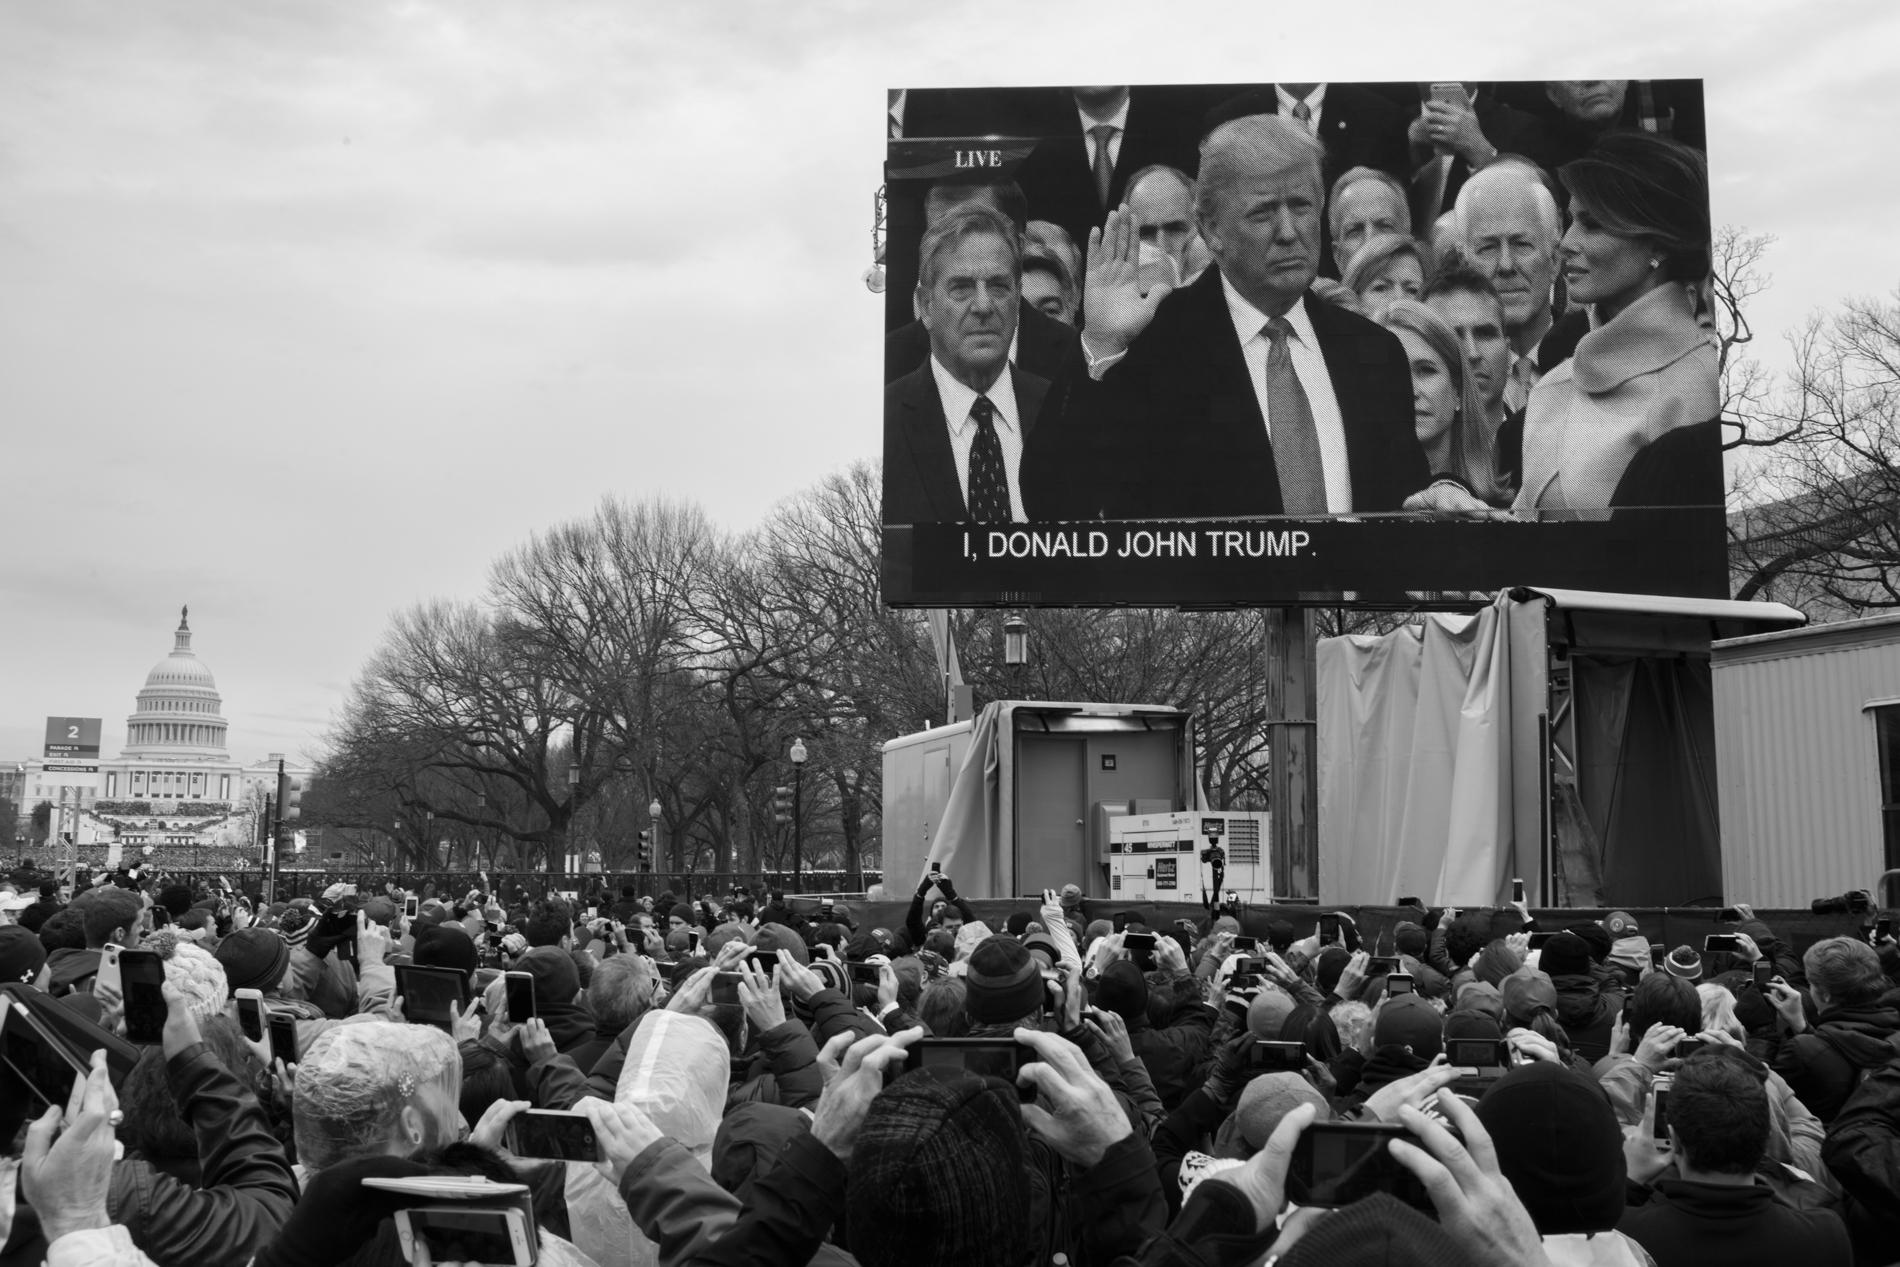 20 Jan 2017 - Washington D.C. - InaugurationCredit: Cédric von Niederhäusern